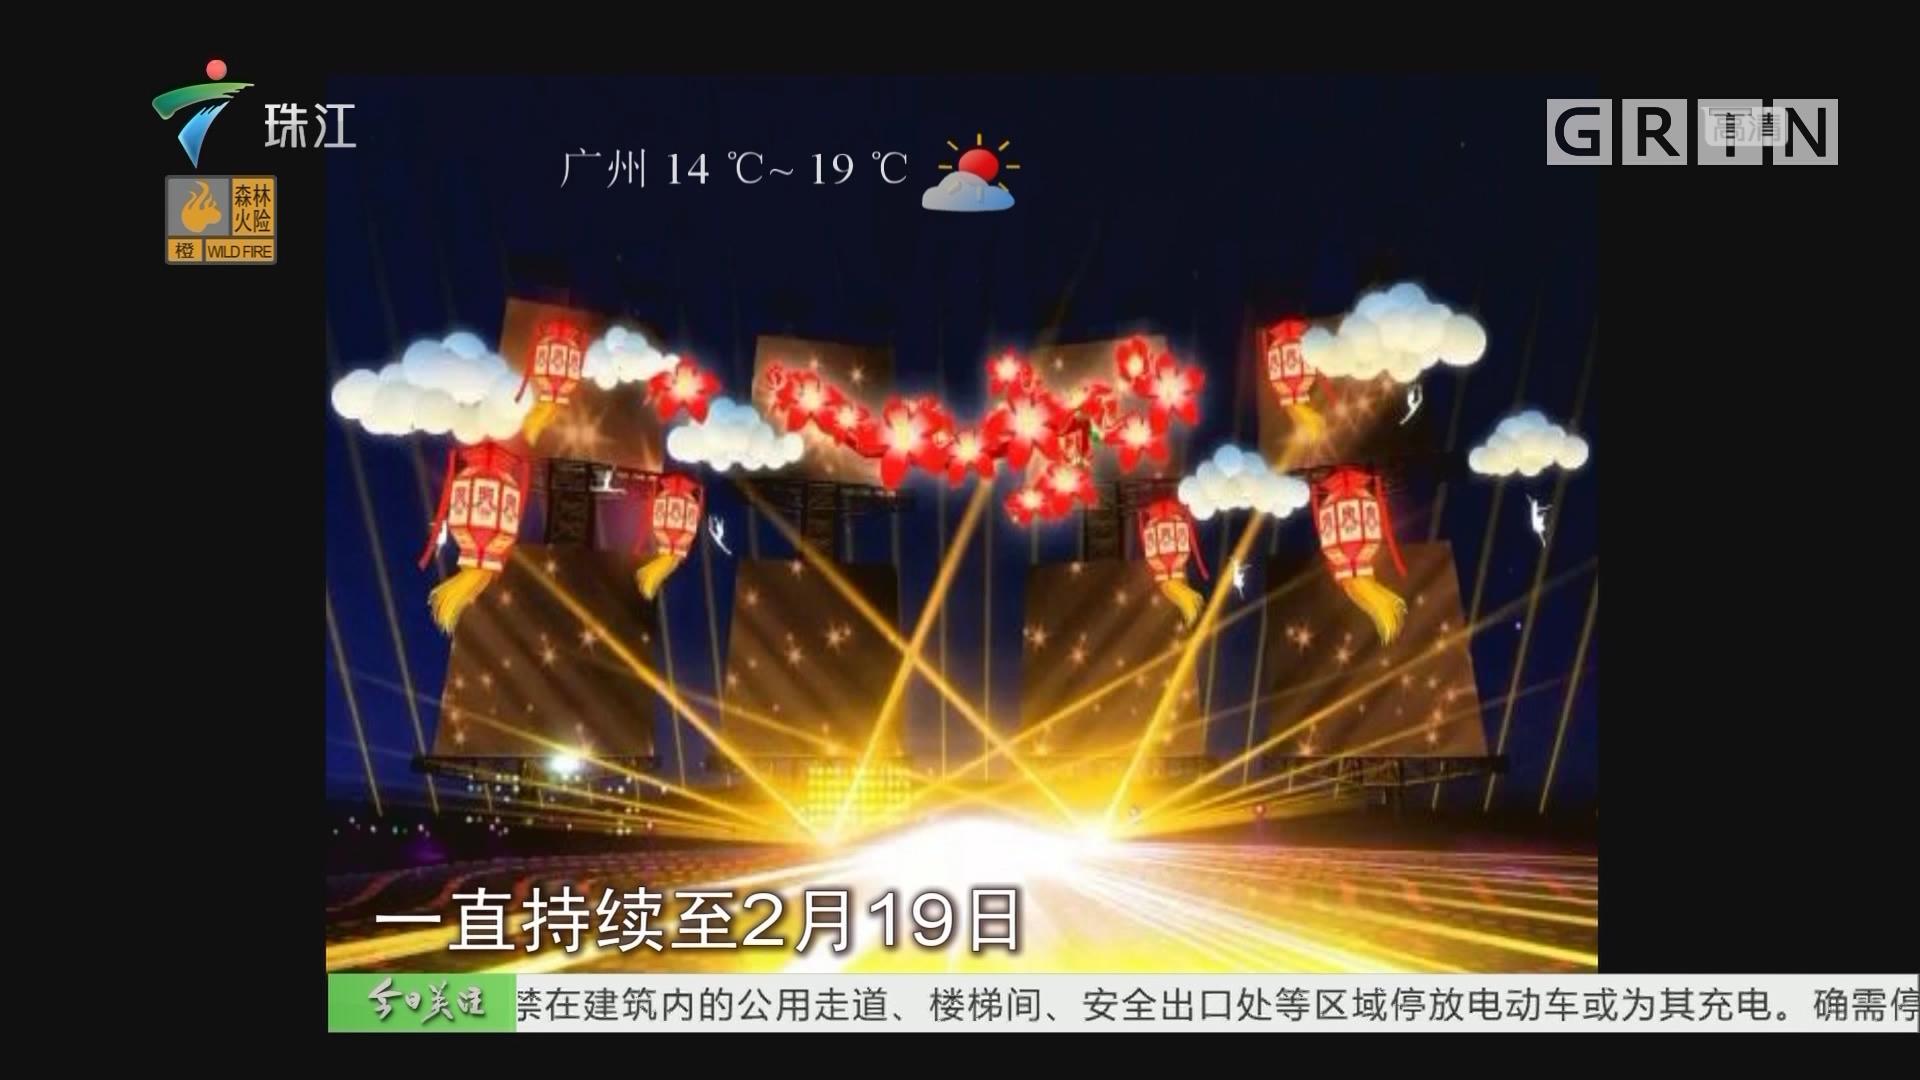 广州:海心沙灯光秀来了 今起可预约